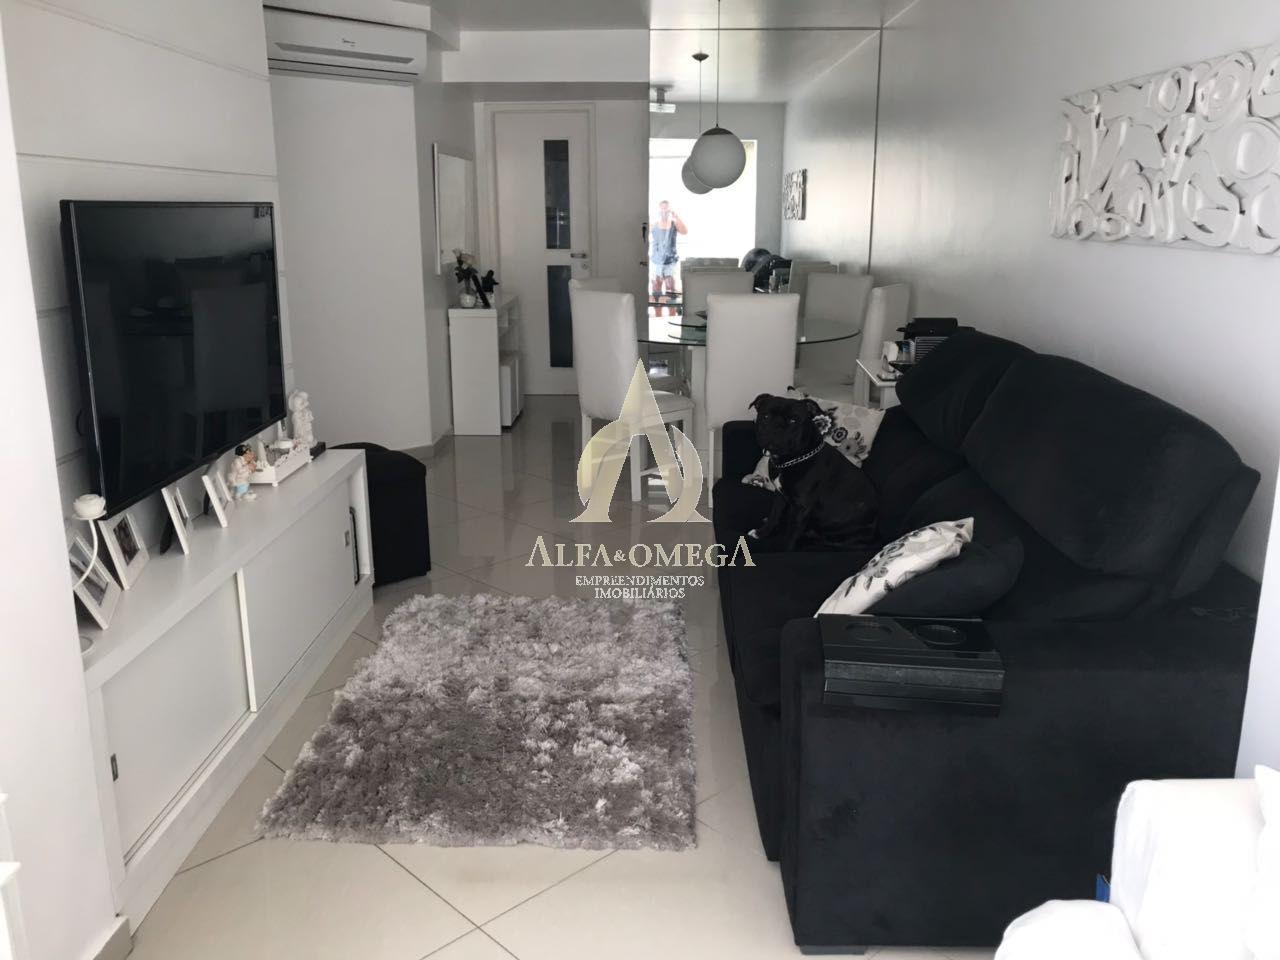 FOTO 3 - Apartamento 2 quartos para venda e aluguel Barra da Tijuca, Rio de Janeiro - R$ 770.000 - AOMH20321 - 4